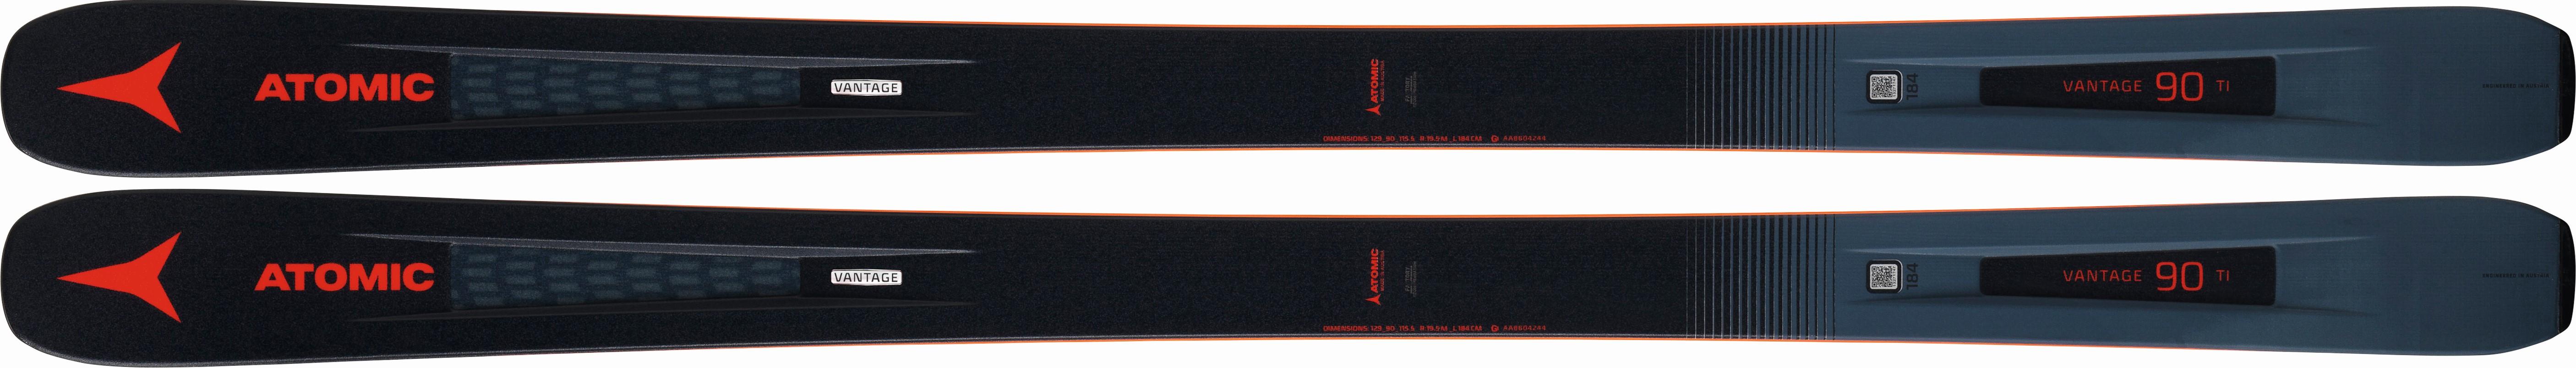 236e3afe0032 Купить горные лыжи в интернет-магазине «Горные вершины» в Санкт ...